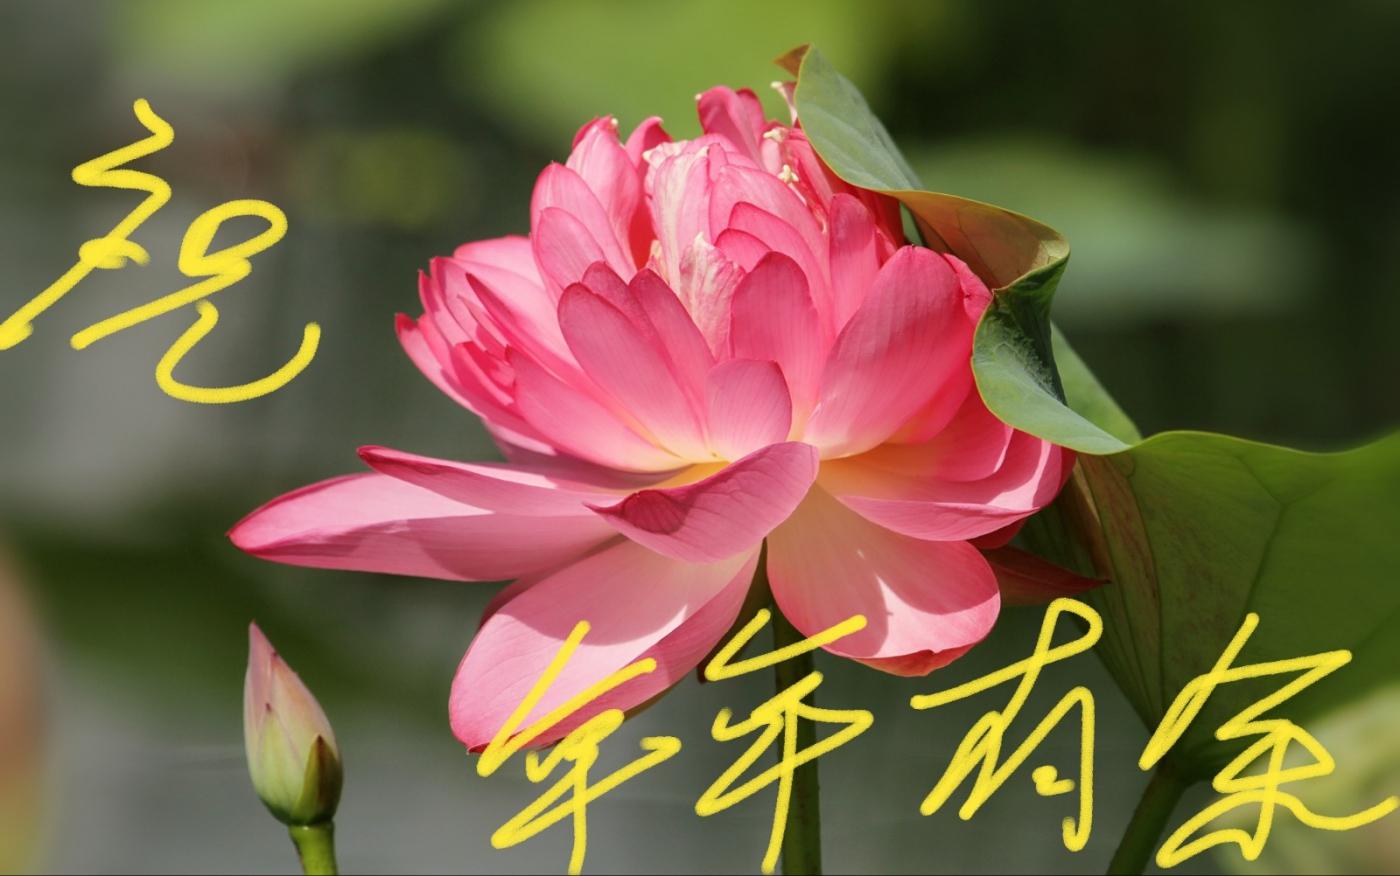 [田螺摄影]把祝福写进花开里 新年好!_图1-16